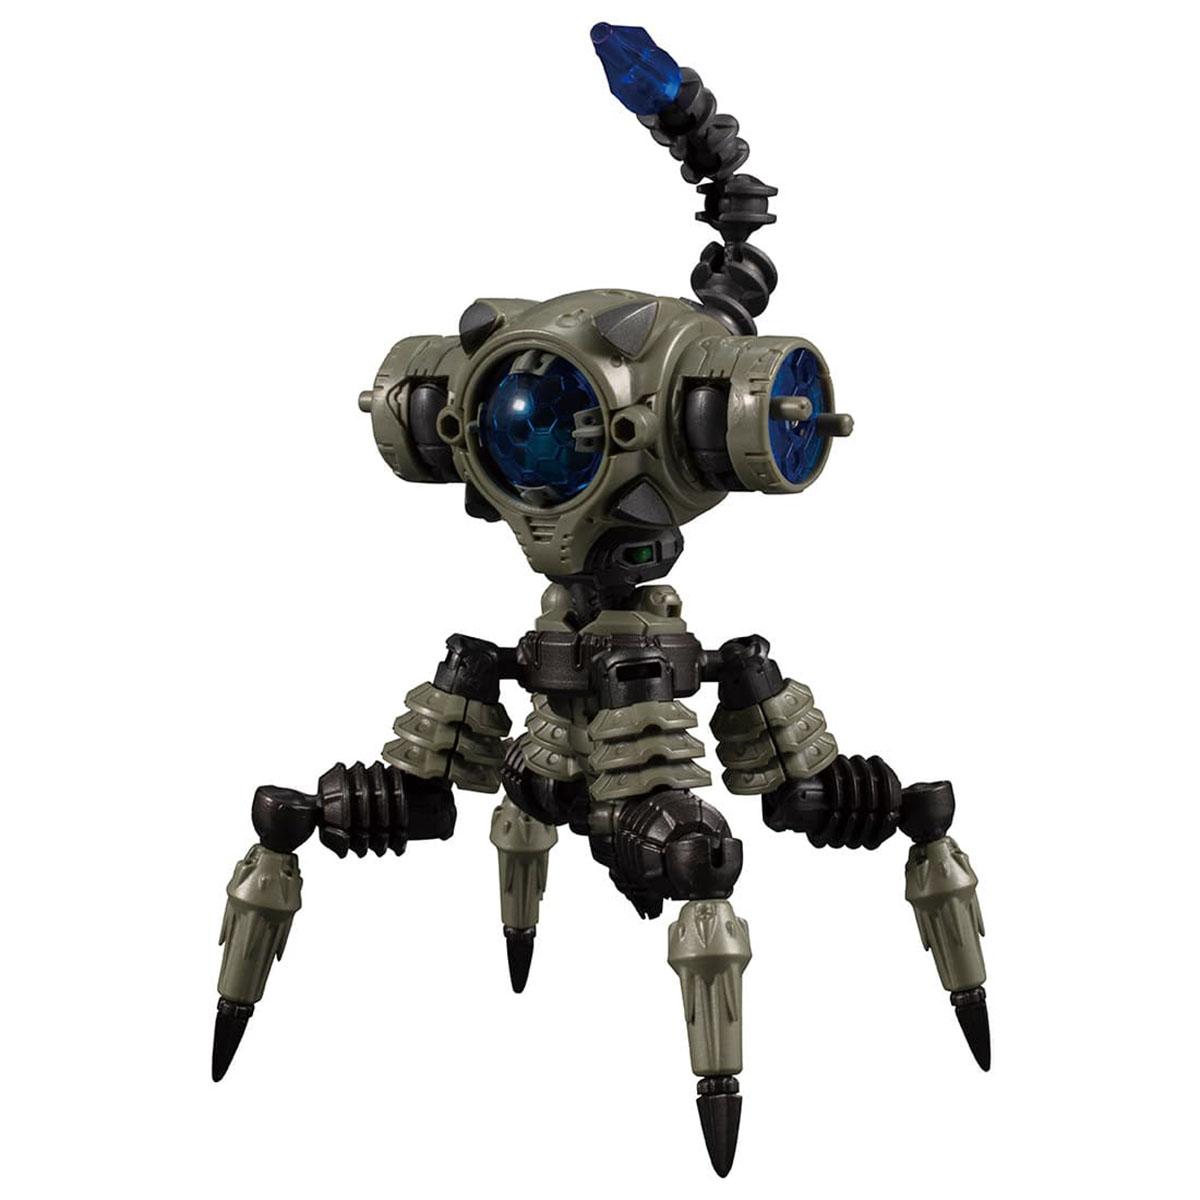 ダイアクロン『DA-38 ワルダレイダー〈バグヘッド〉』可動フィギュア-003